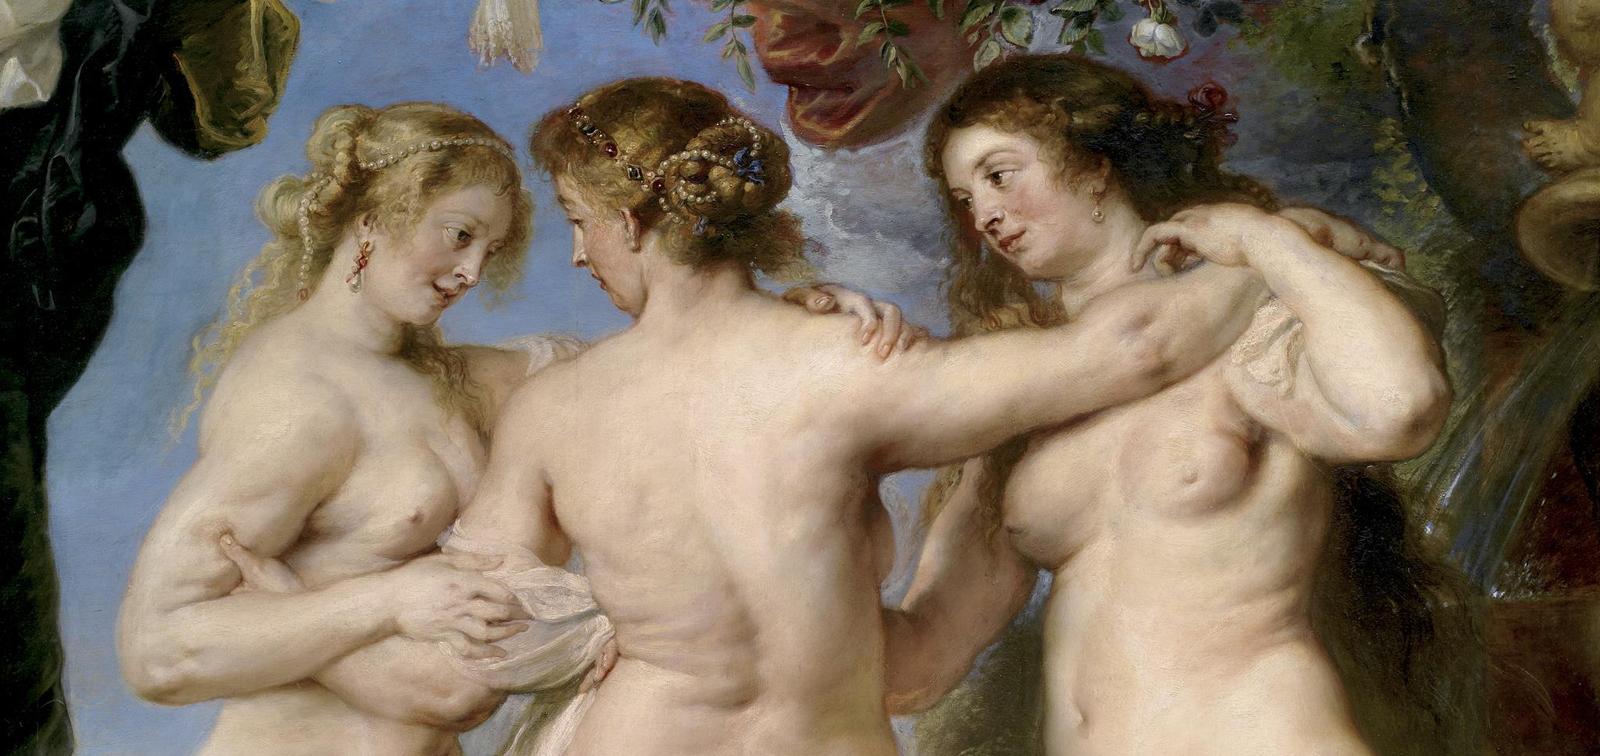 Exposición didáctica: El Museo del Prado en La Habana